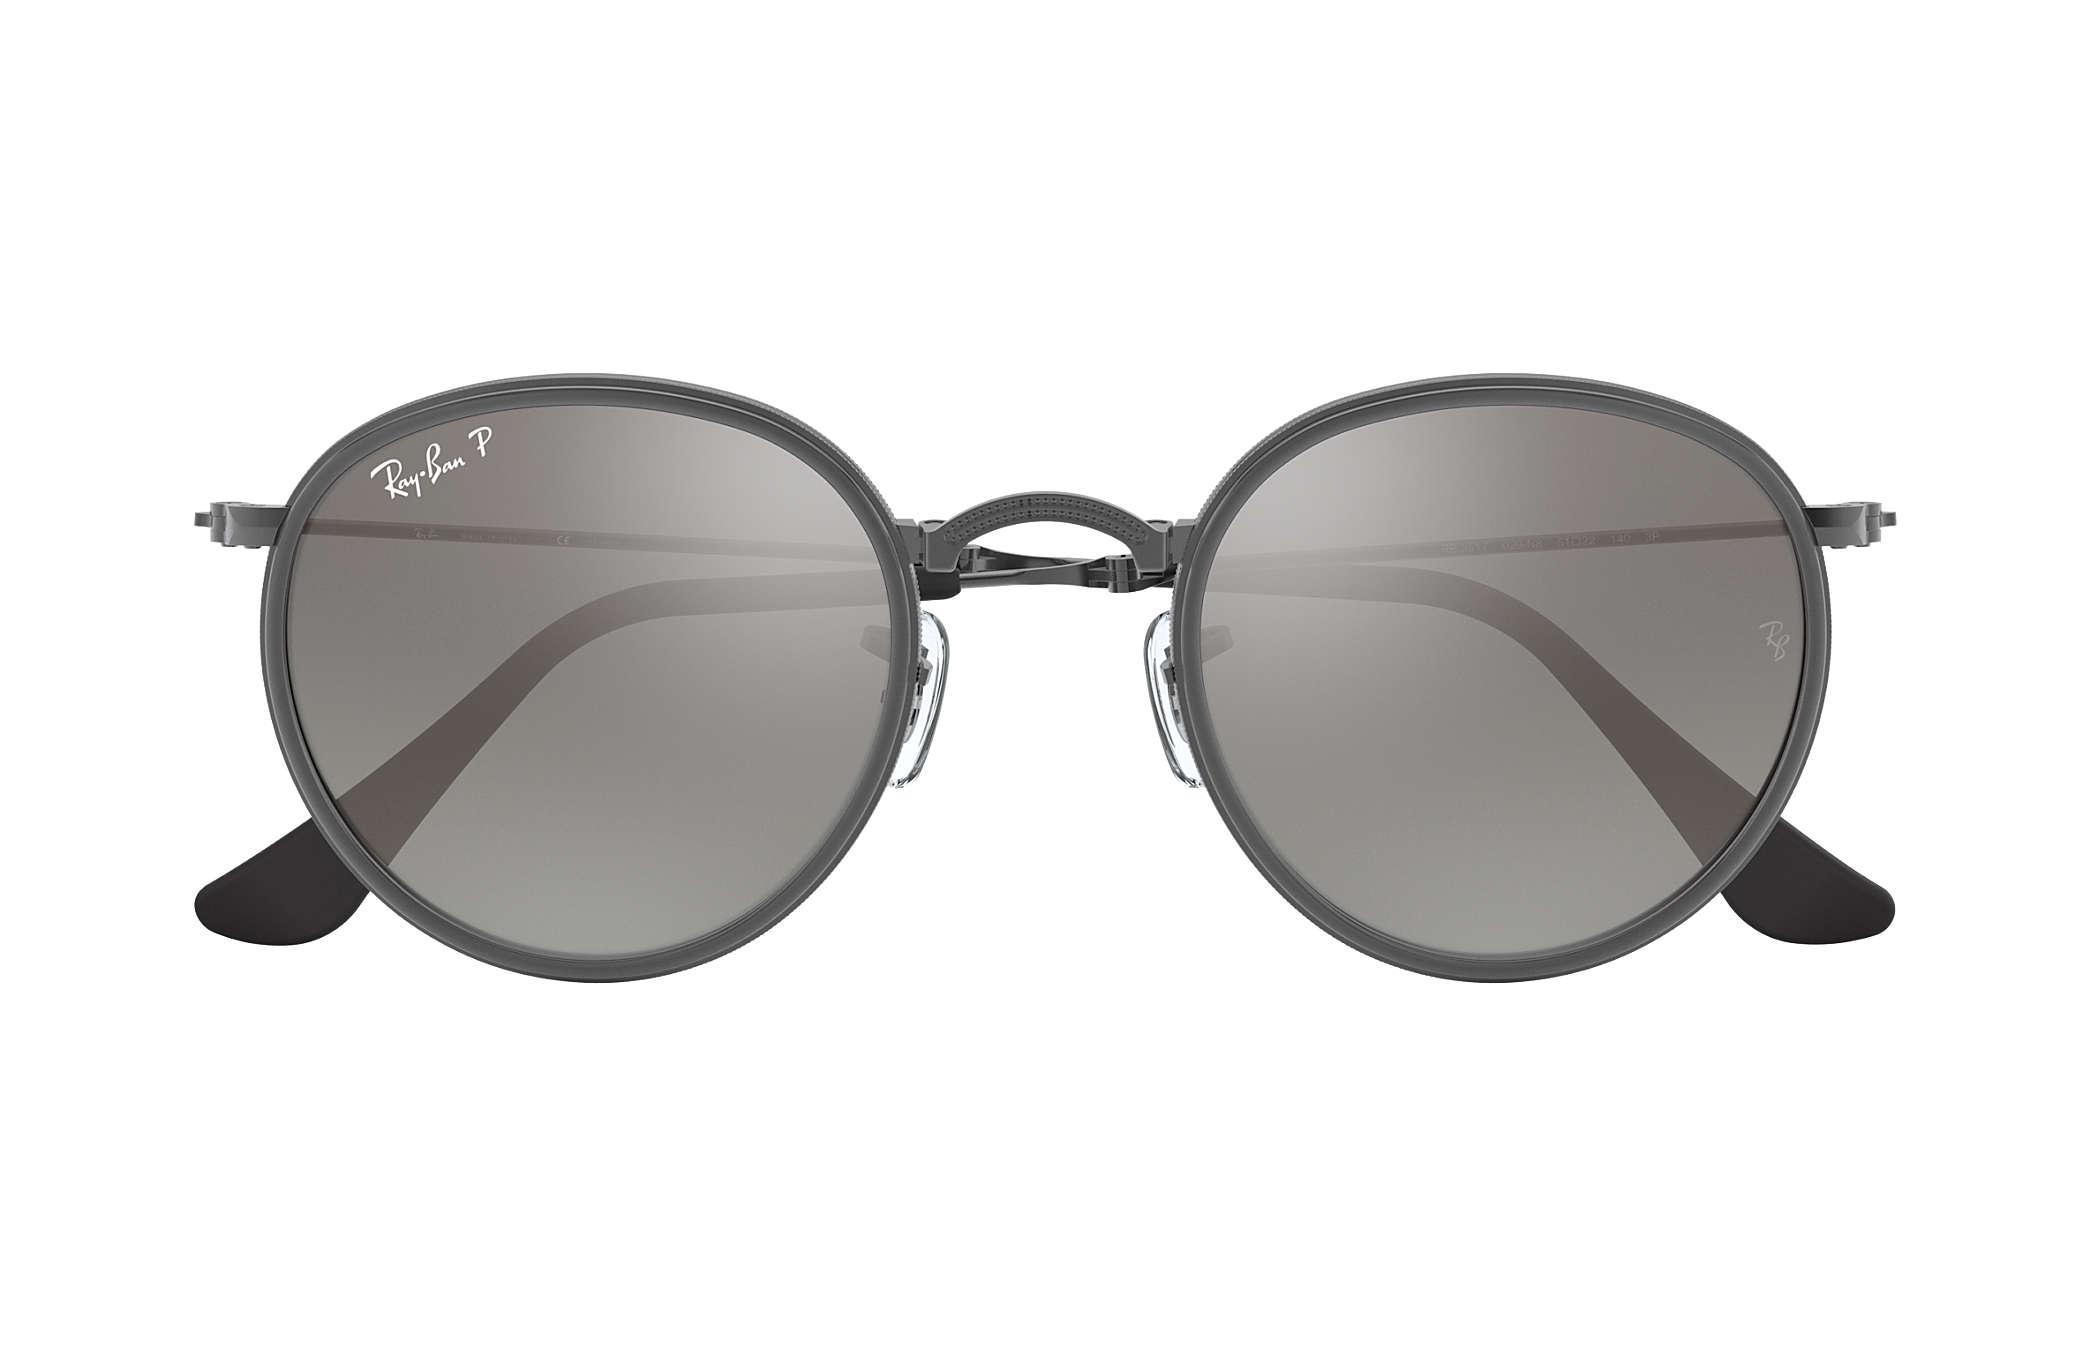 ray ban round aviator sunglasses